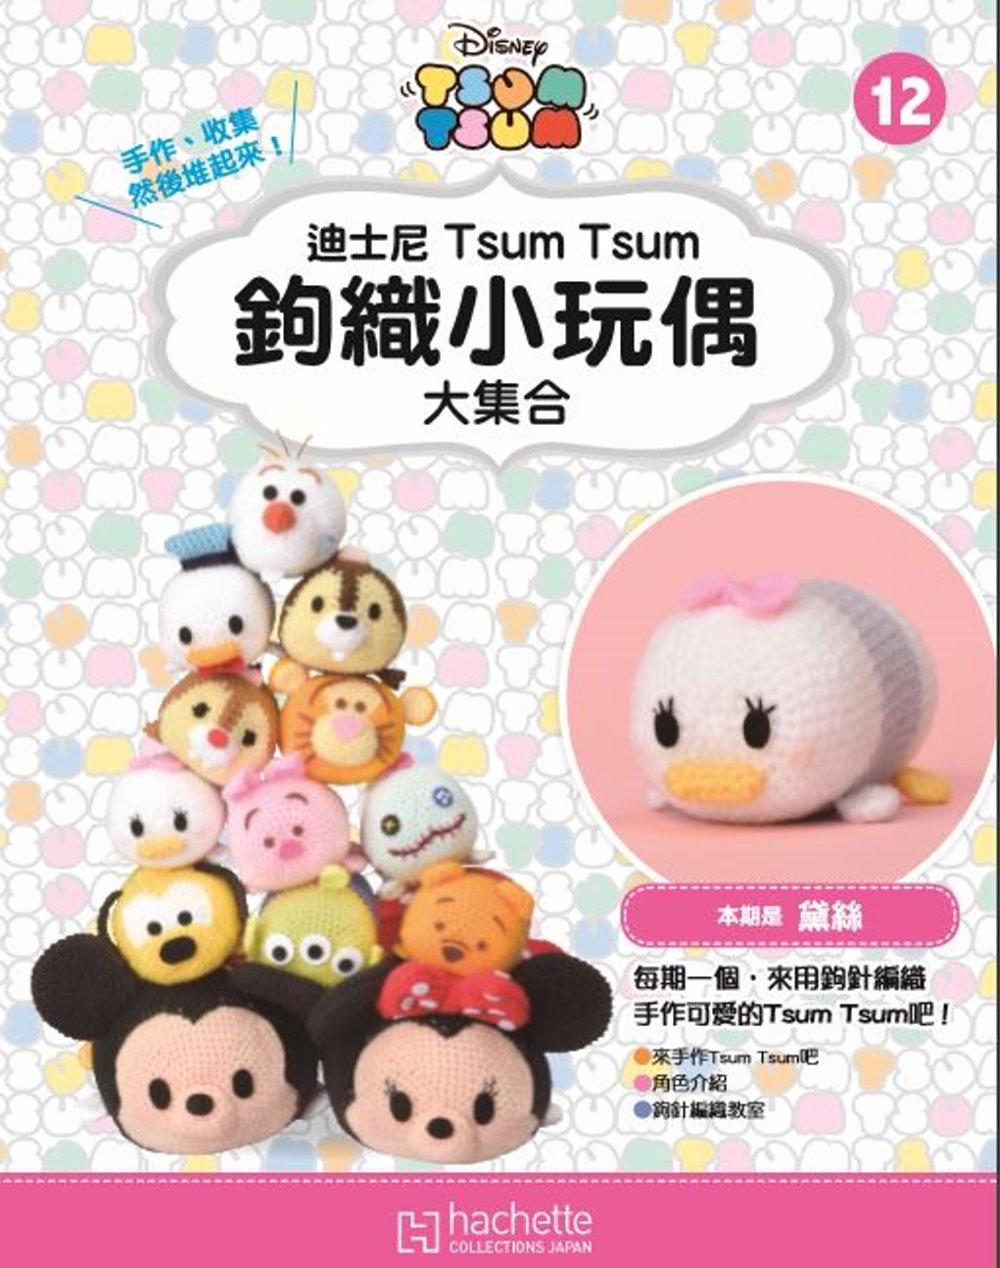 迪士尼TsumTsum 鉤織小玩偶 大集合 2018/2/14第12期